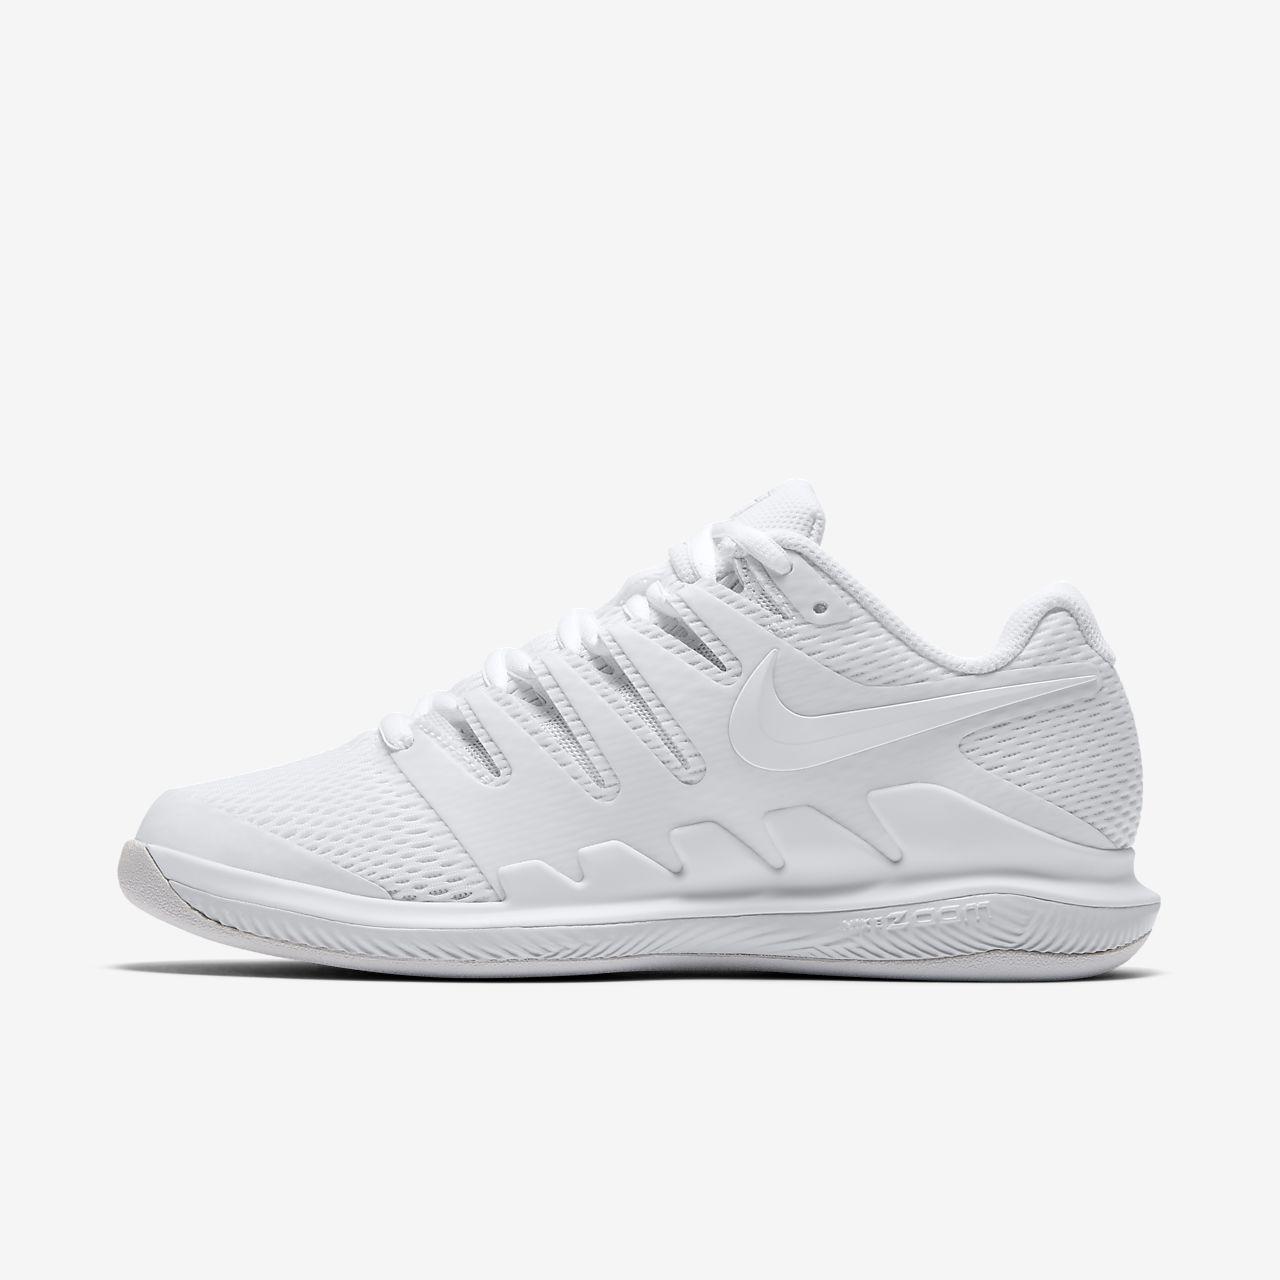 10 Pour Tennis Nike De Vapor Zoom Chaussure Air Femme Carpet 5L34AjR